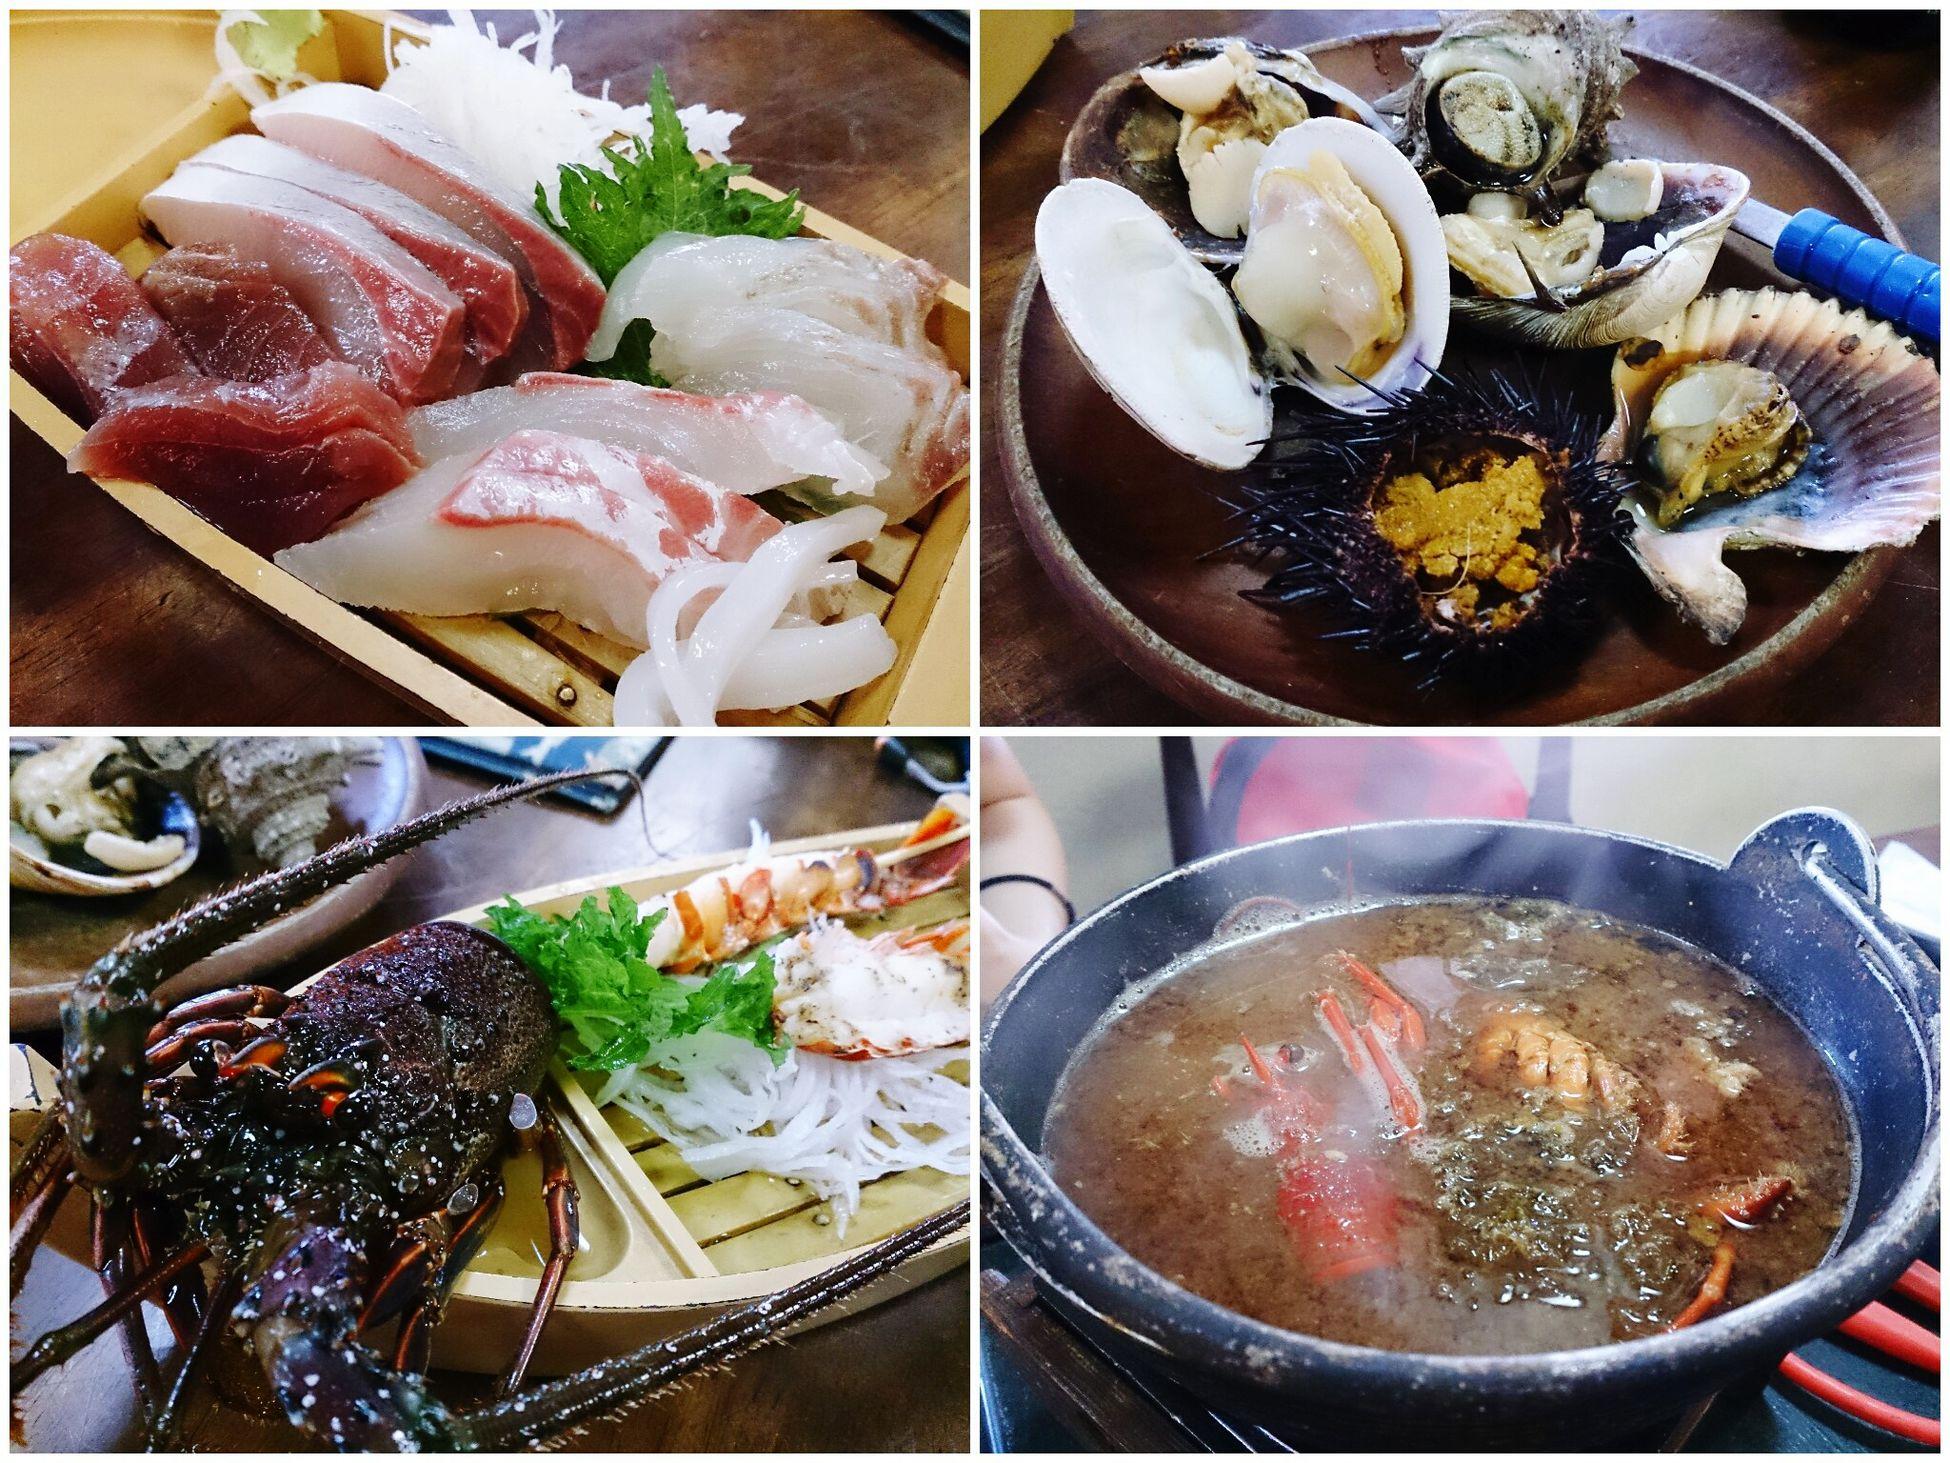 尿酸値の限界に挑戦 おんたけDNS Super Fresh Lobster Fish Eating Dinner Food Seafood プリン体